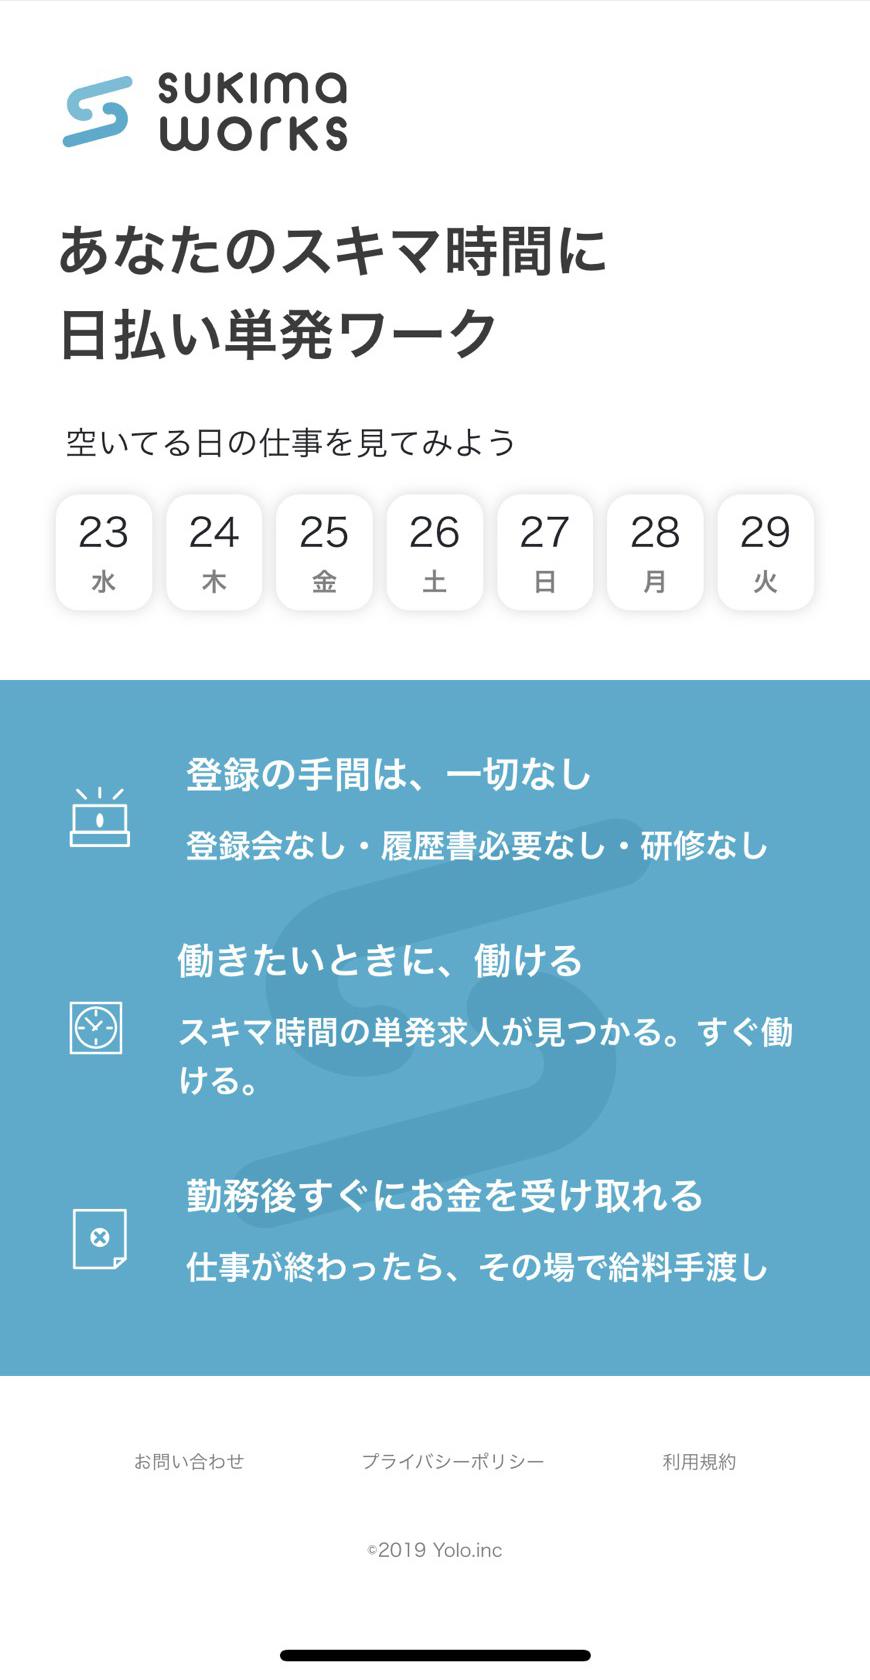 ワークス スキマ 【プレスリリース】独立系VCのi